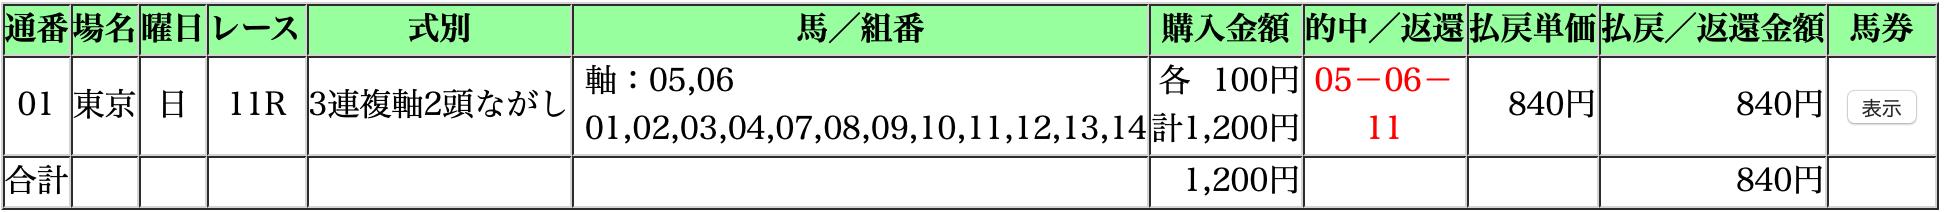 安田記念2020・ショコ3買い(しょこさんがい)結果2